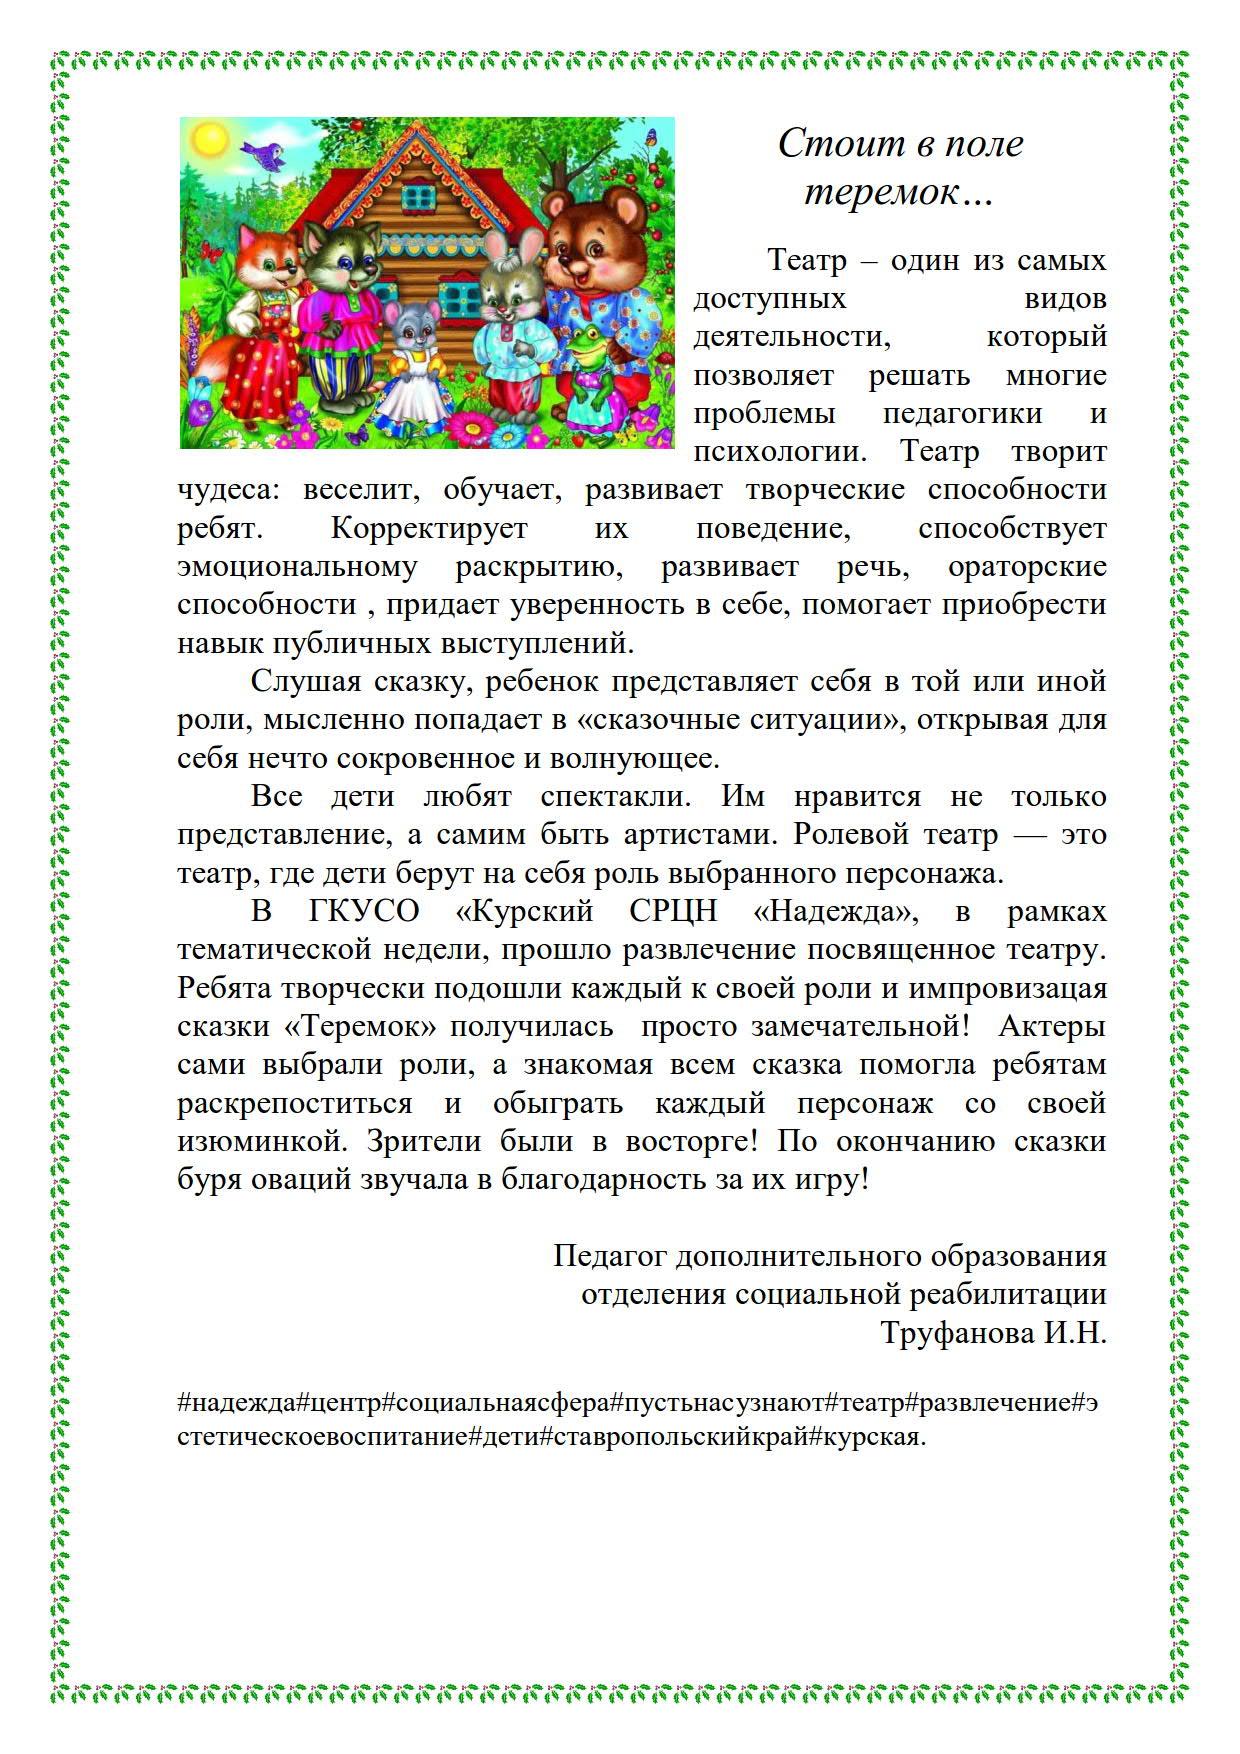 статья Стоит в поле теремок_1